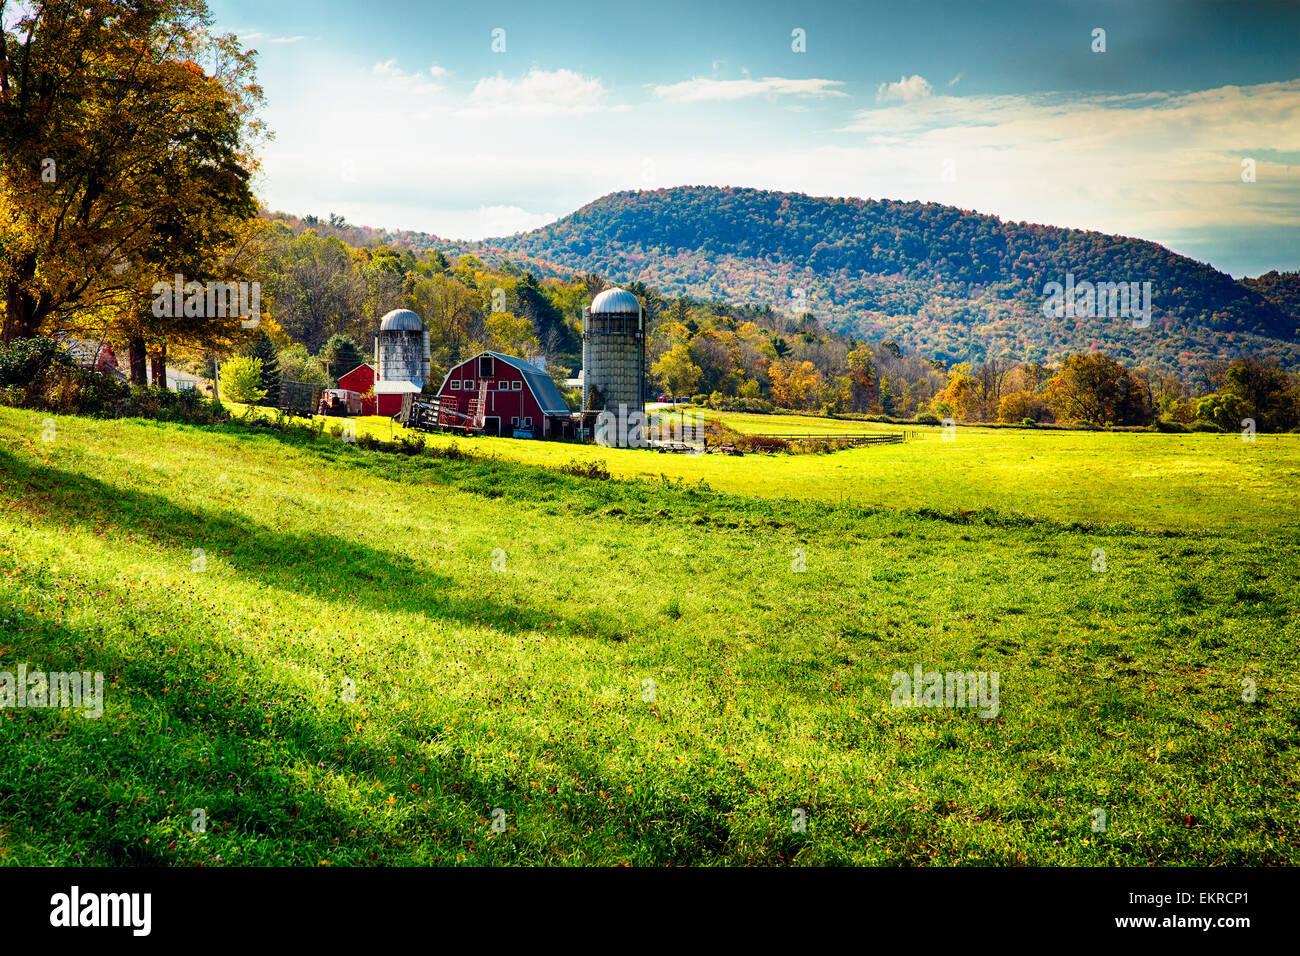 Ángulo de visión baja de un clásico American Farm durante el otoño, Arlington, Vermont Imagen De Stock